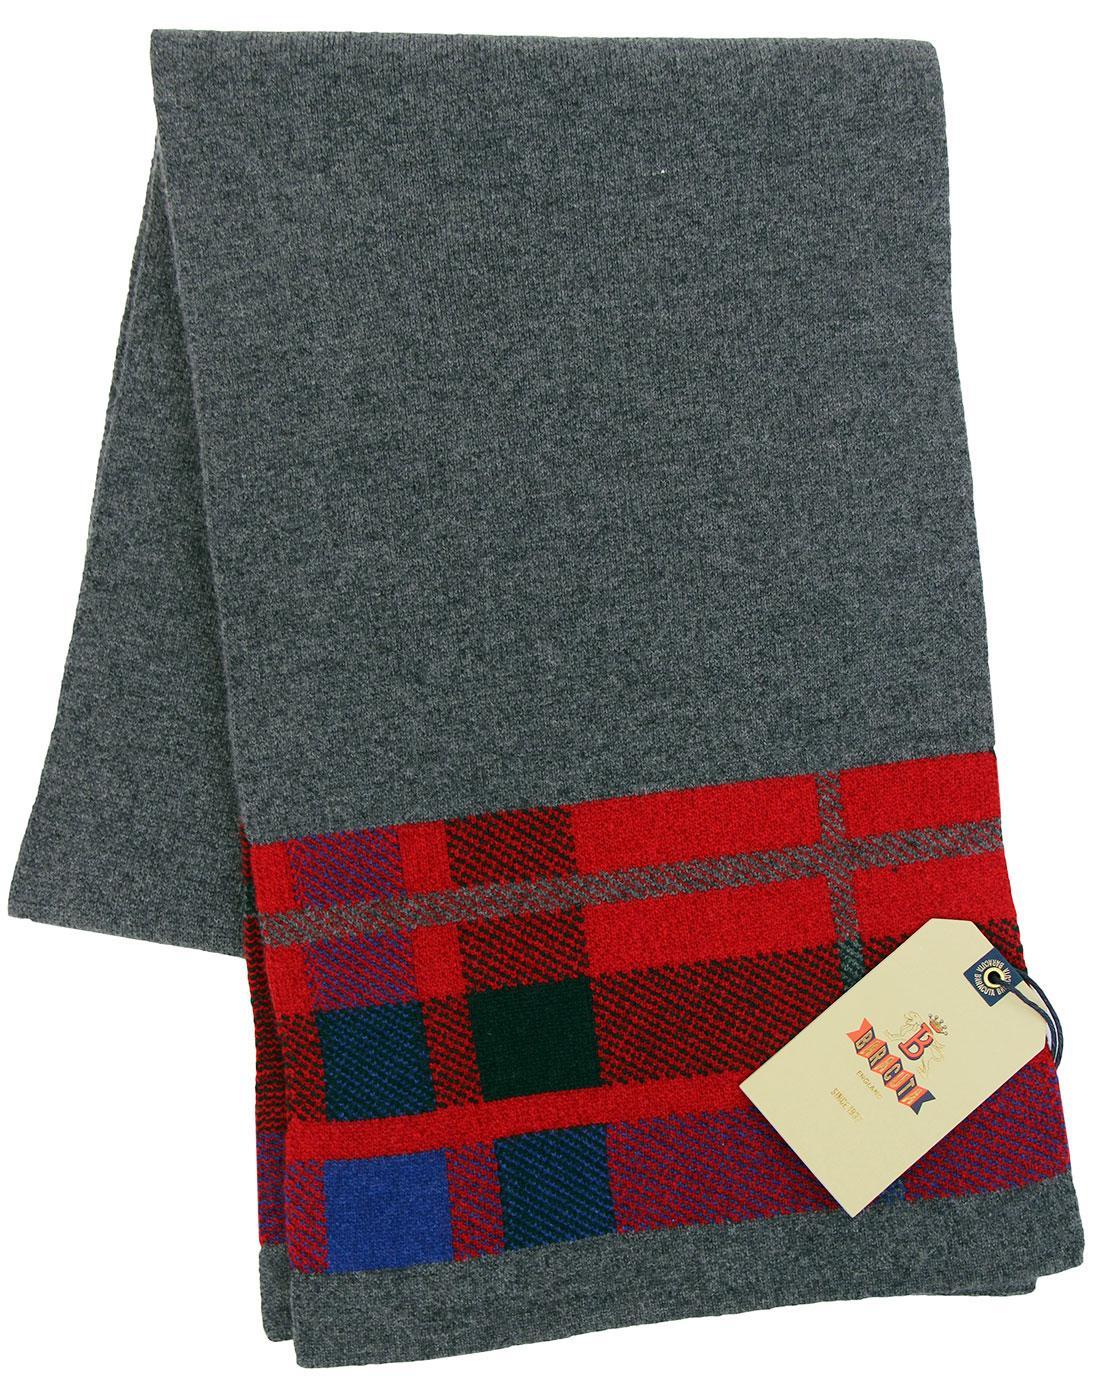 BARACUTA Fraser Tartan Trim Wool & Cashmere Scarf